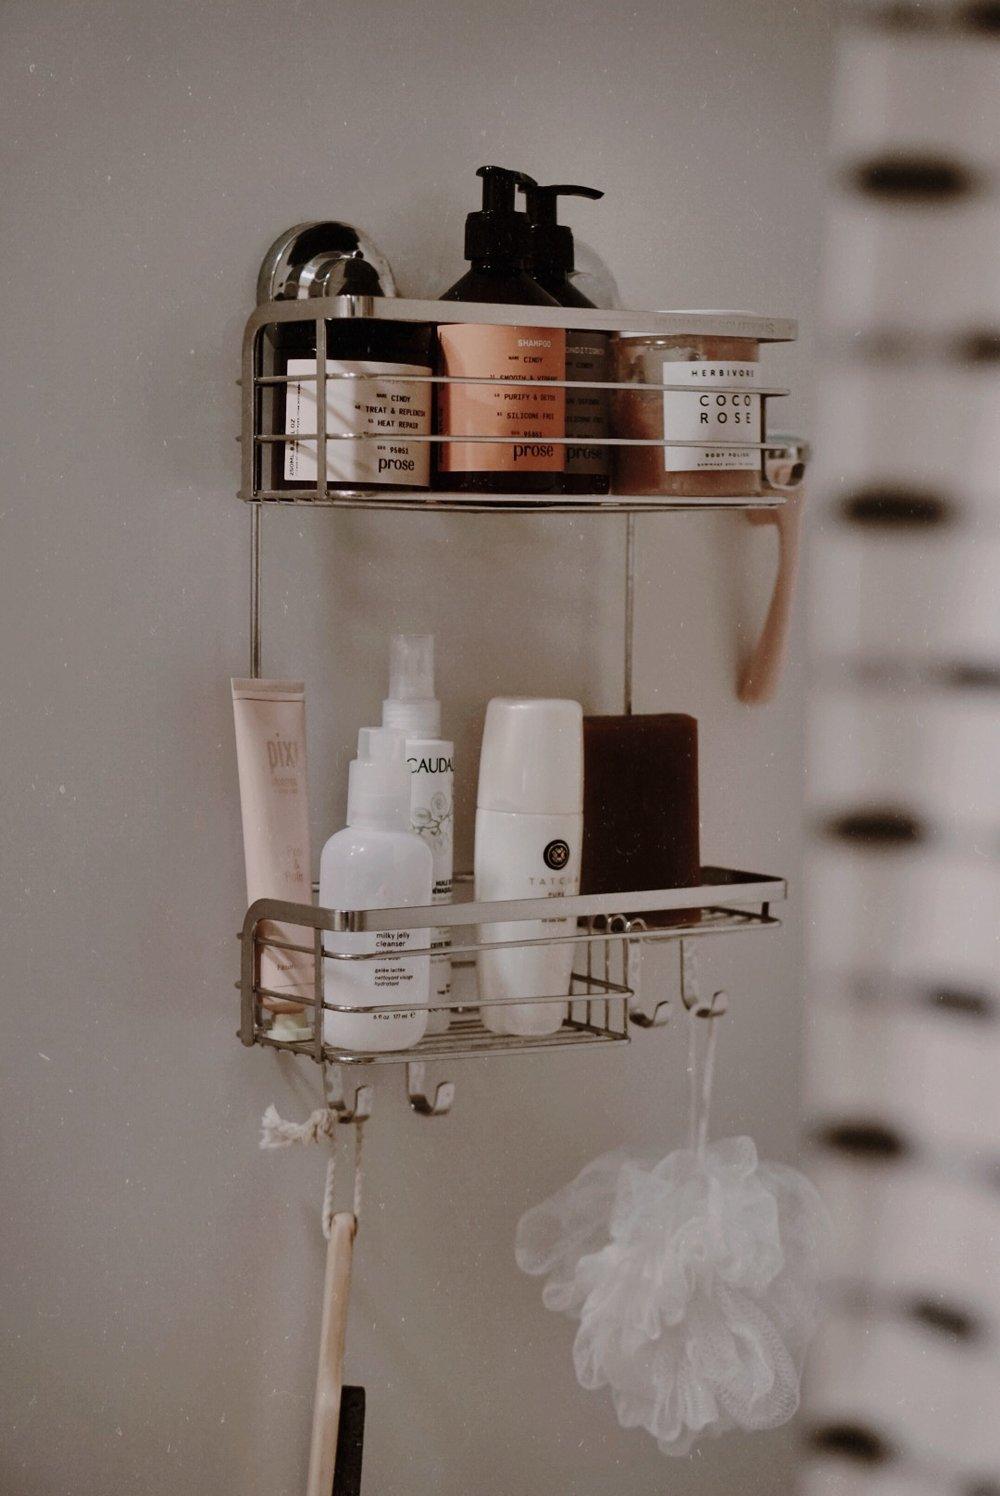 Shower Shelfie ft. Prose Haircare - Review